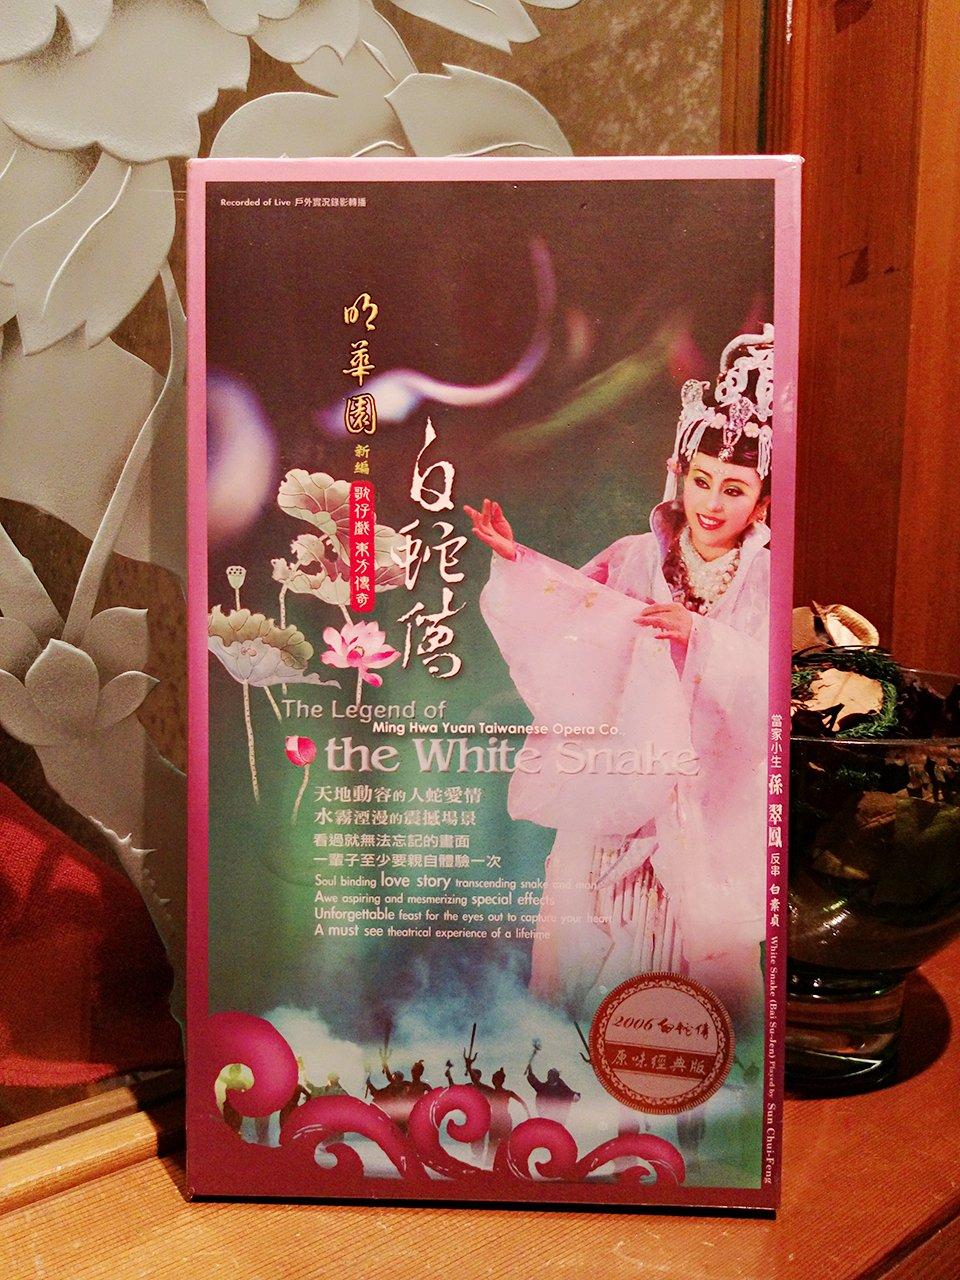 【阿波的窩 Apos house】《影音週邊商品及展覽佈置》DVD 表演藝術類 歌仔戲 明華園 東方傳奇-白蛇傳精裝版